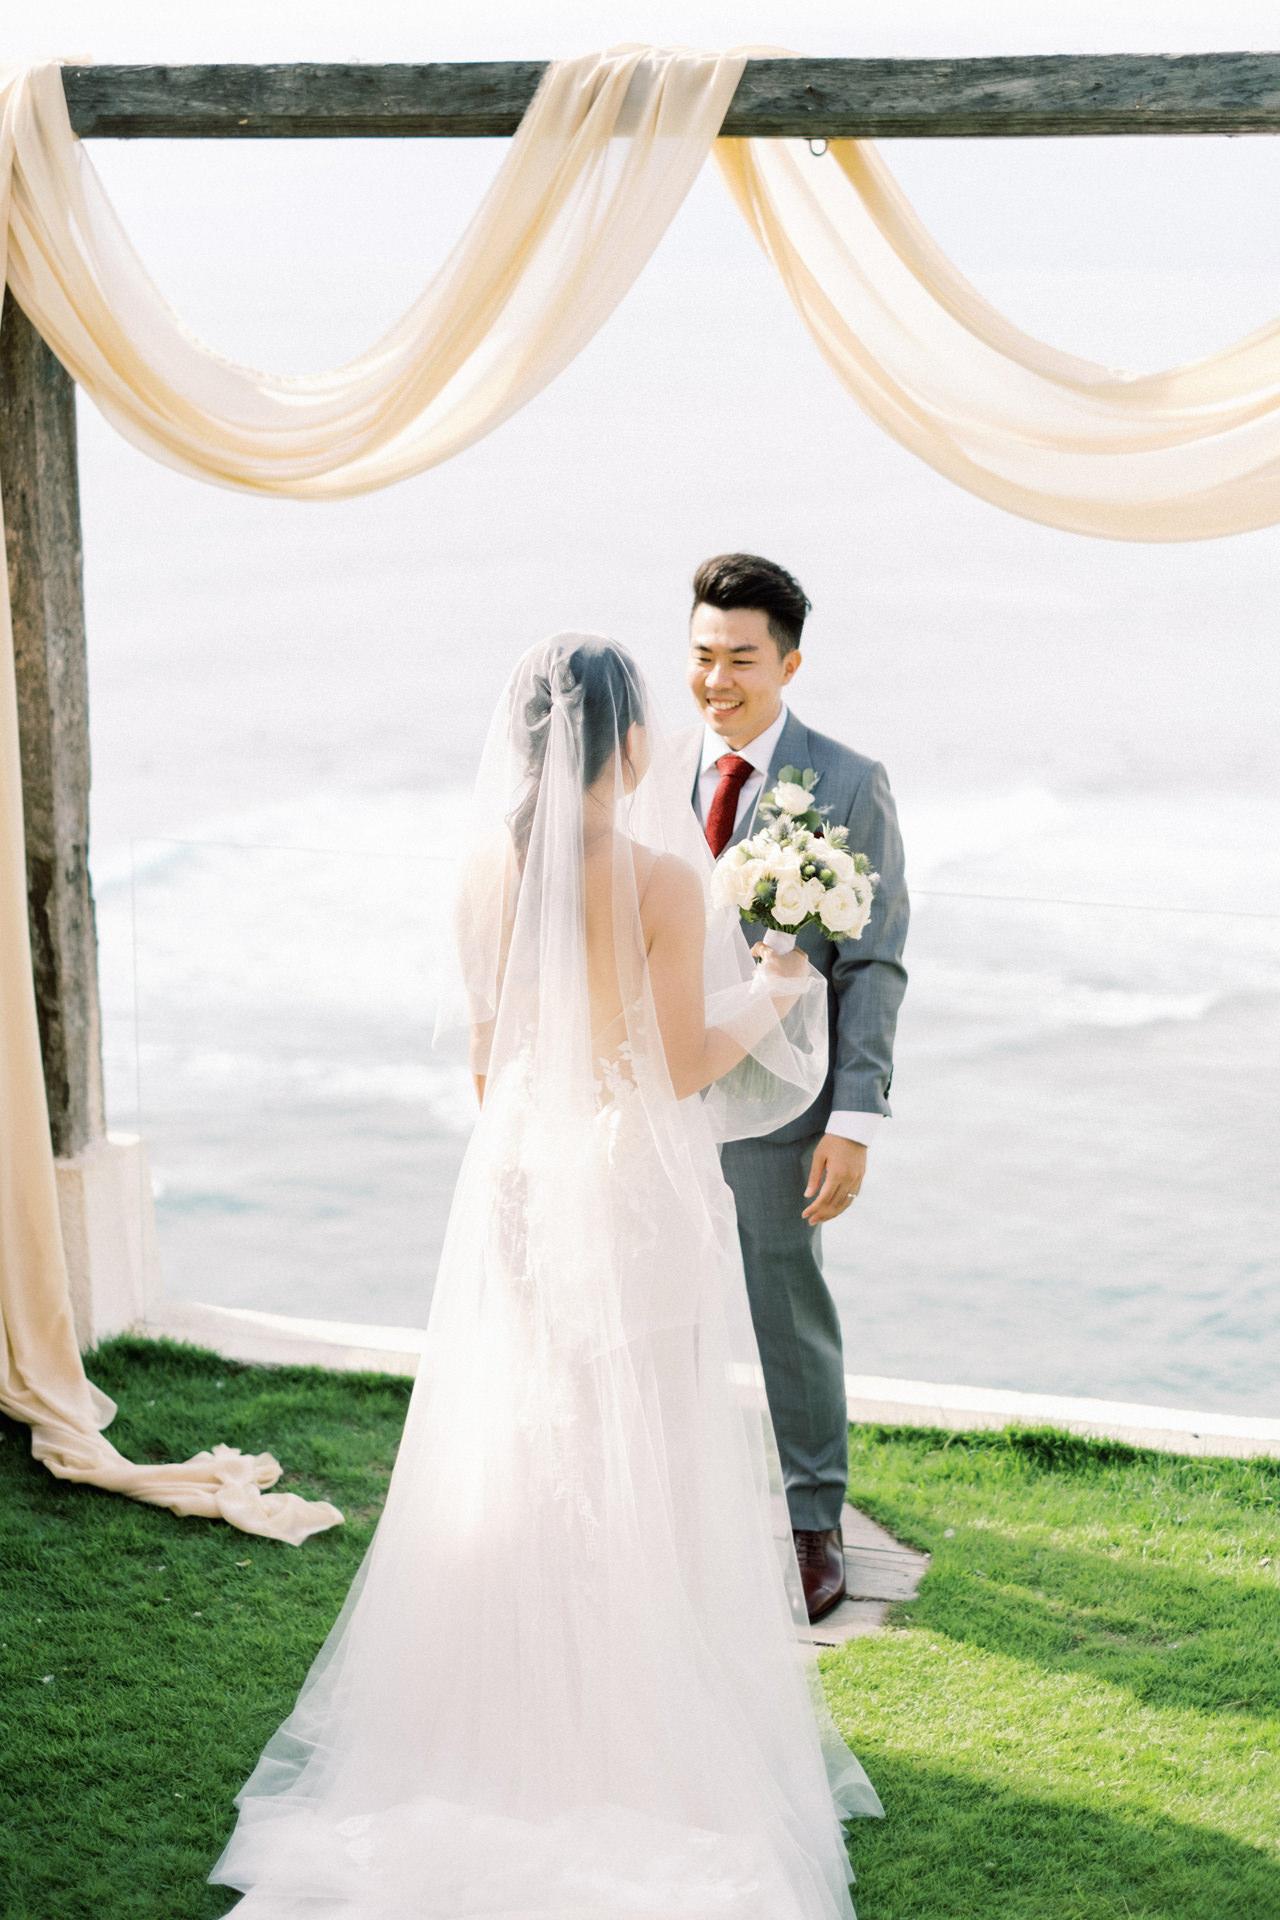 Real Wedding at Kamaya Bali 22